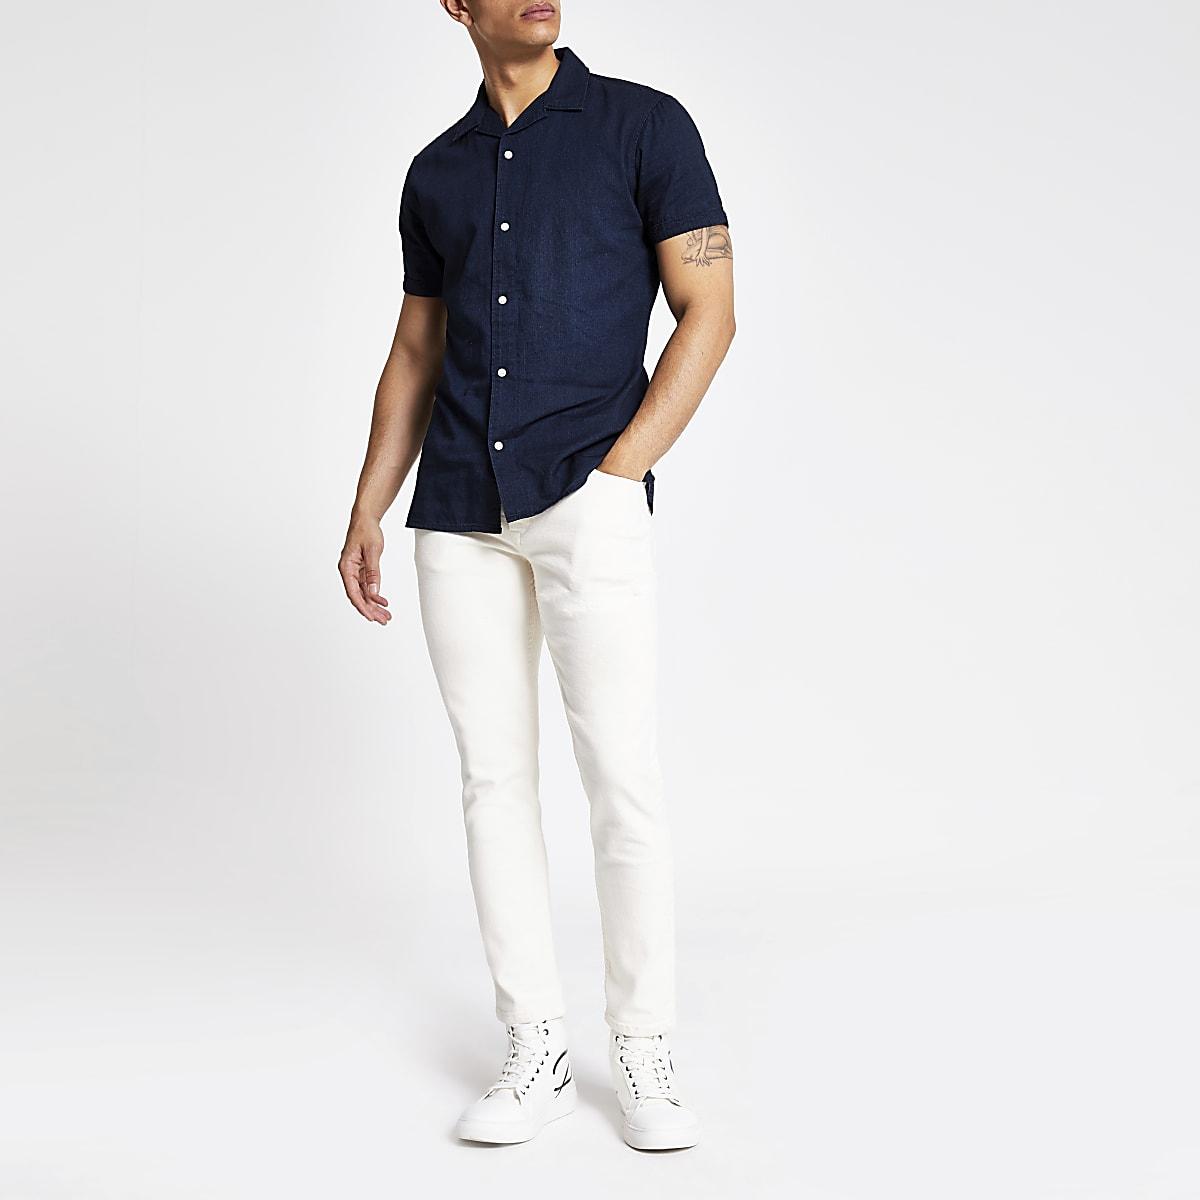 Selected Homme - Blauw denim overhemd met korte mouwen